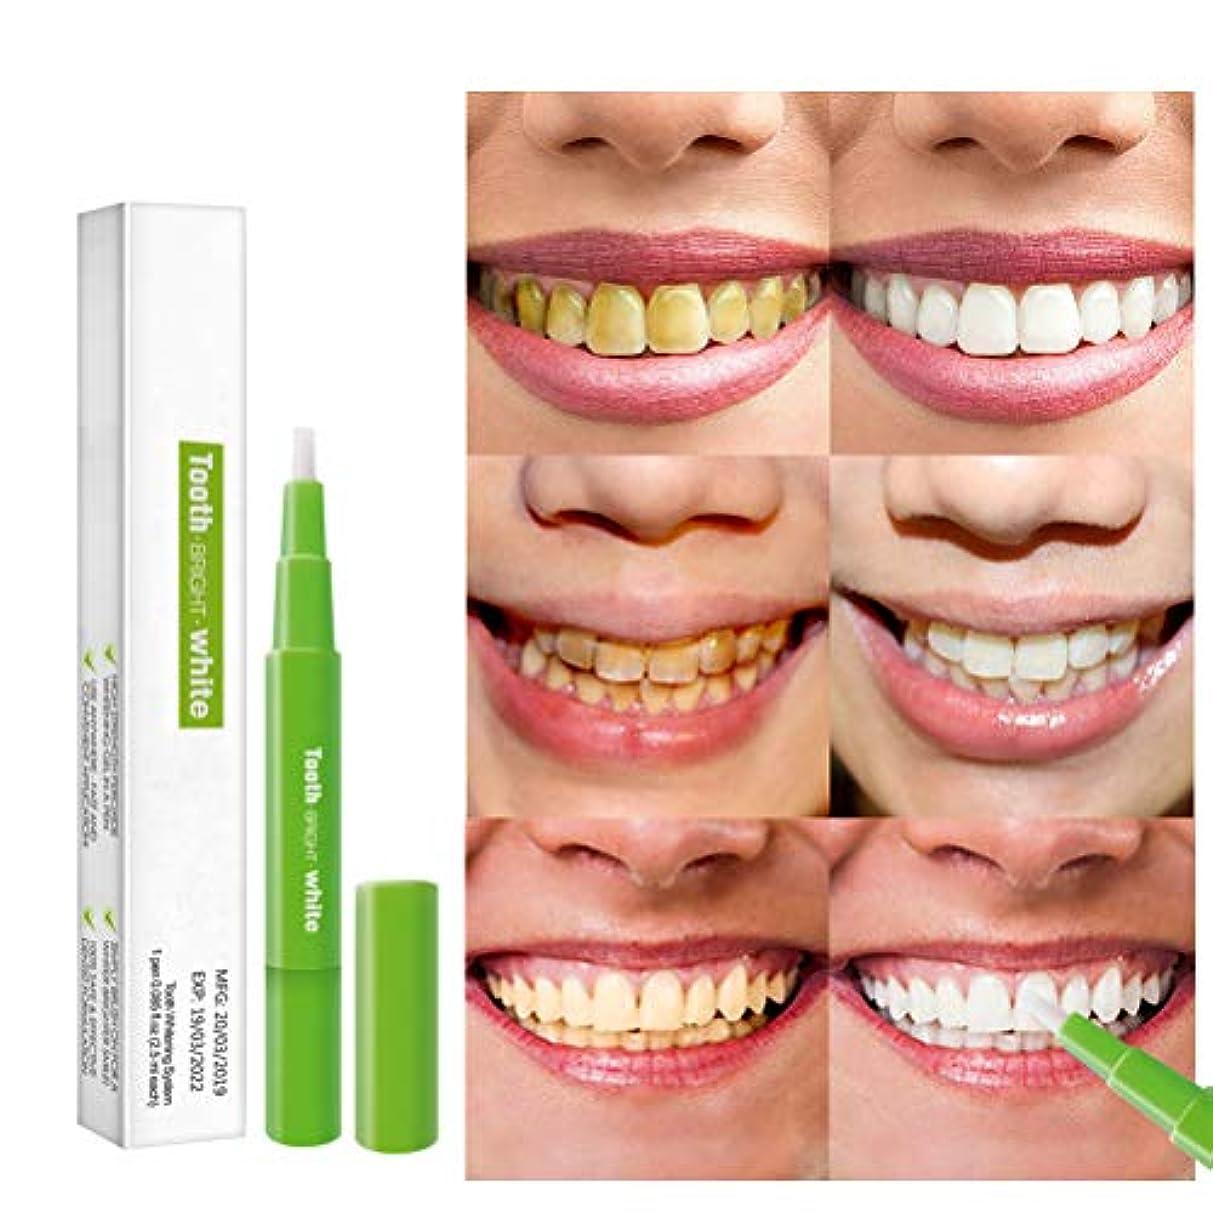 きゅうり証拠花Creacom 歯 ホワイトニング ペン 美白歯ゲル 歯 ホワイトニングペン ホワイトニングペン 歯ブラシ 輝く笑顔 口臭防止 歯周病防止 口腔衛生 携帯便利 安全性 口腔洗浄ツール 輝かしい笑顔を見せる